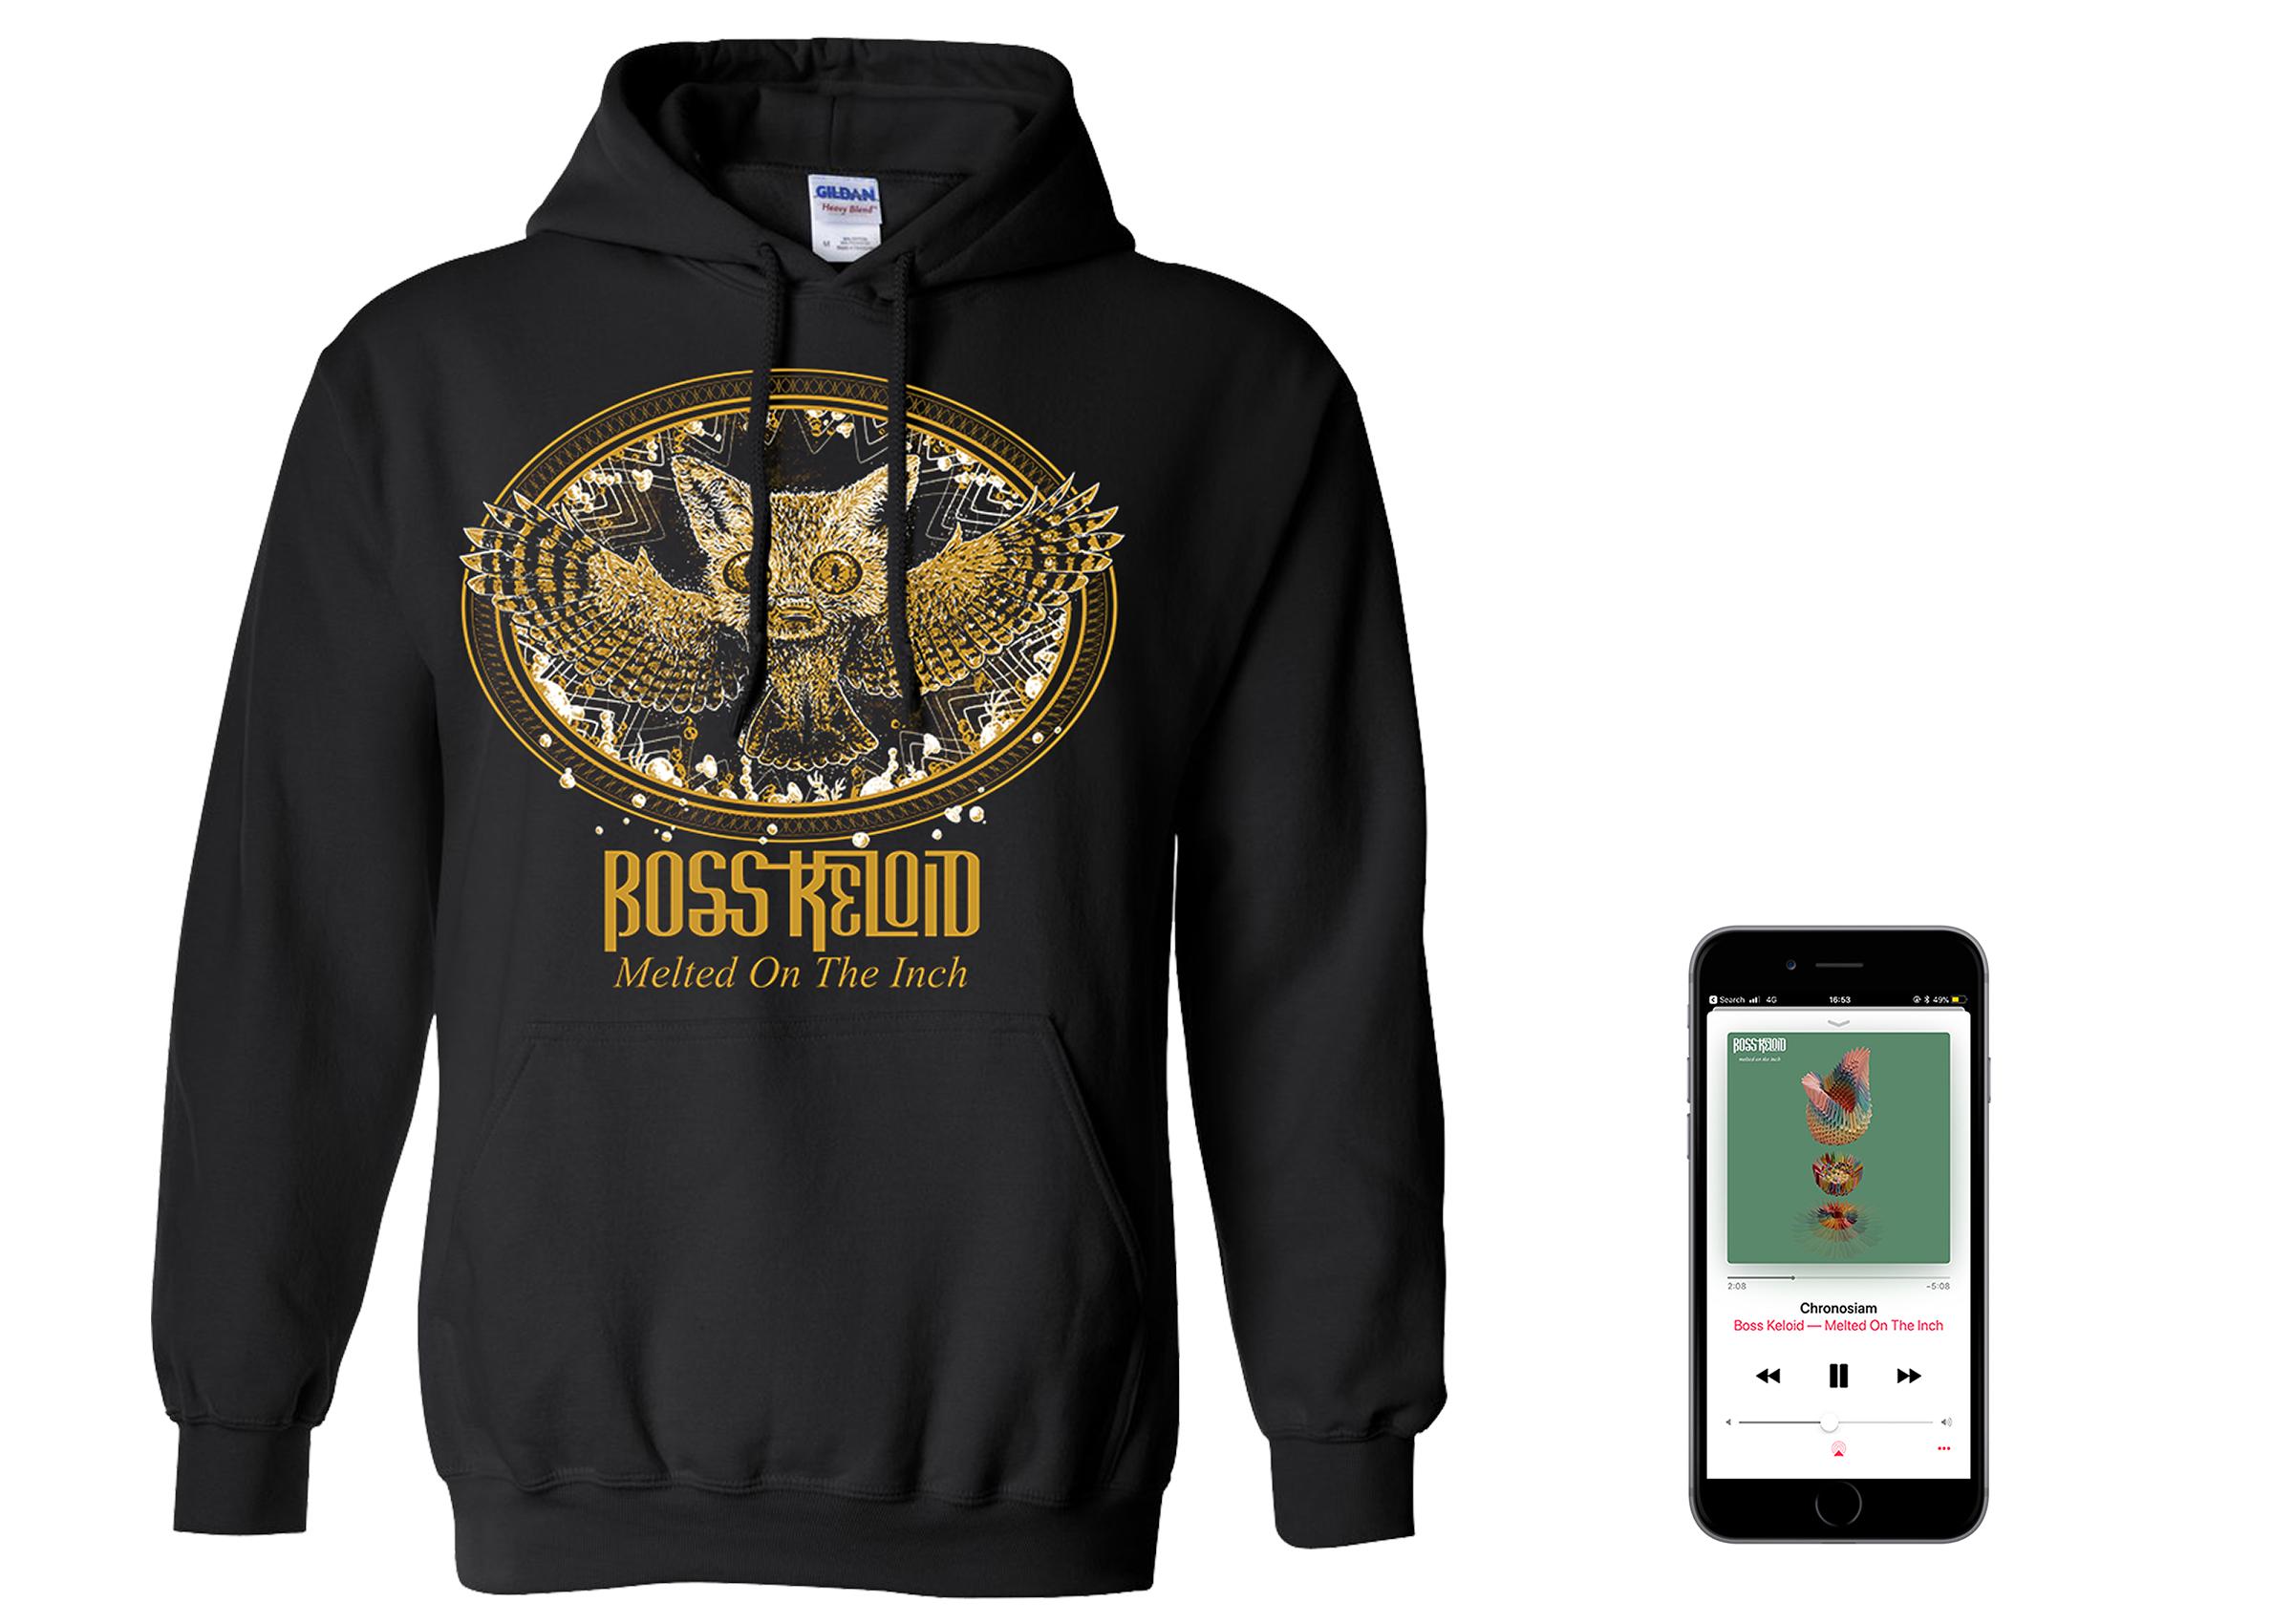 Boss Keloid 'Melted...' Foxowl hoodie + digital download PREORDER